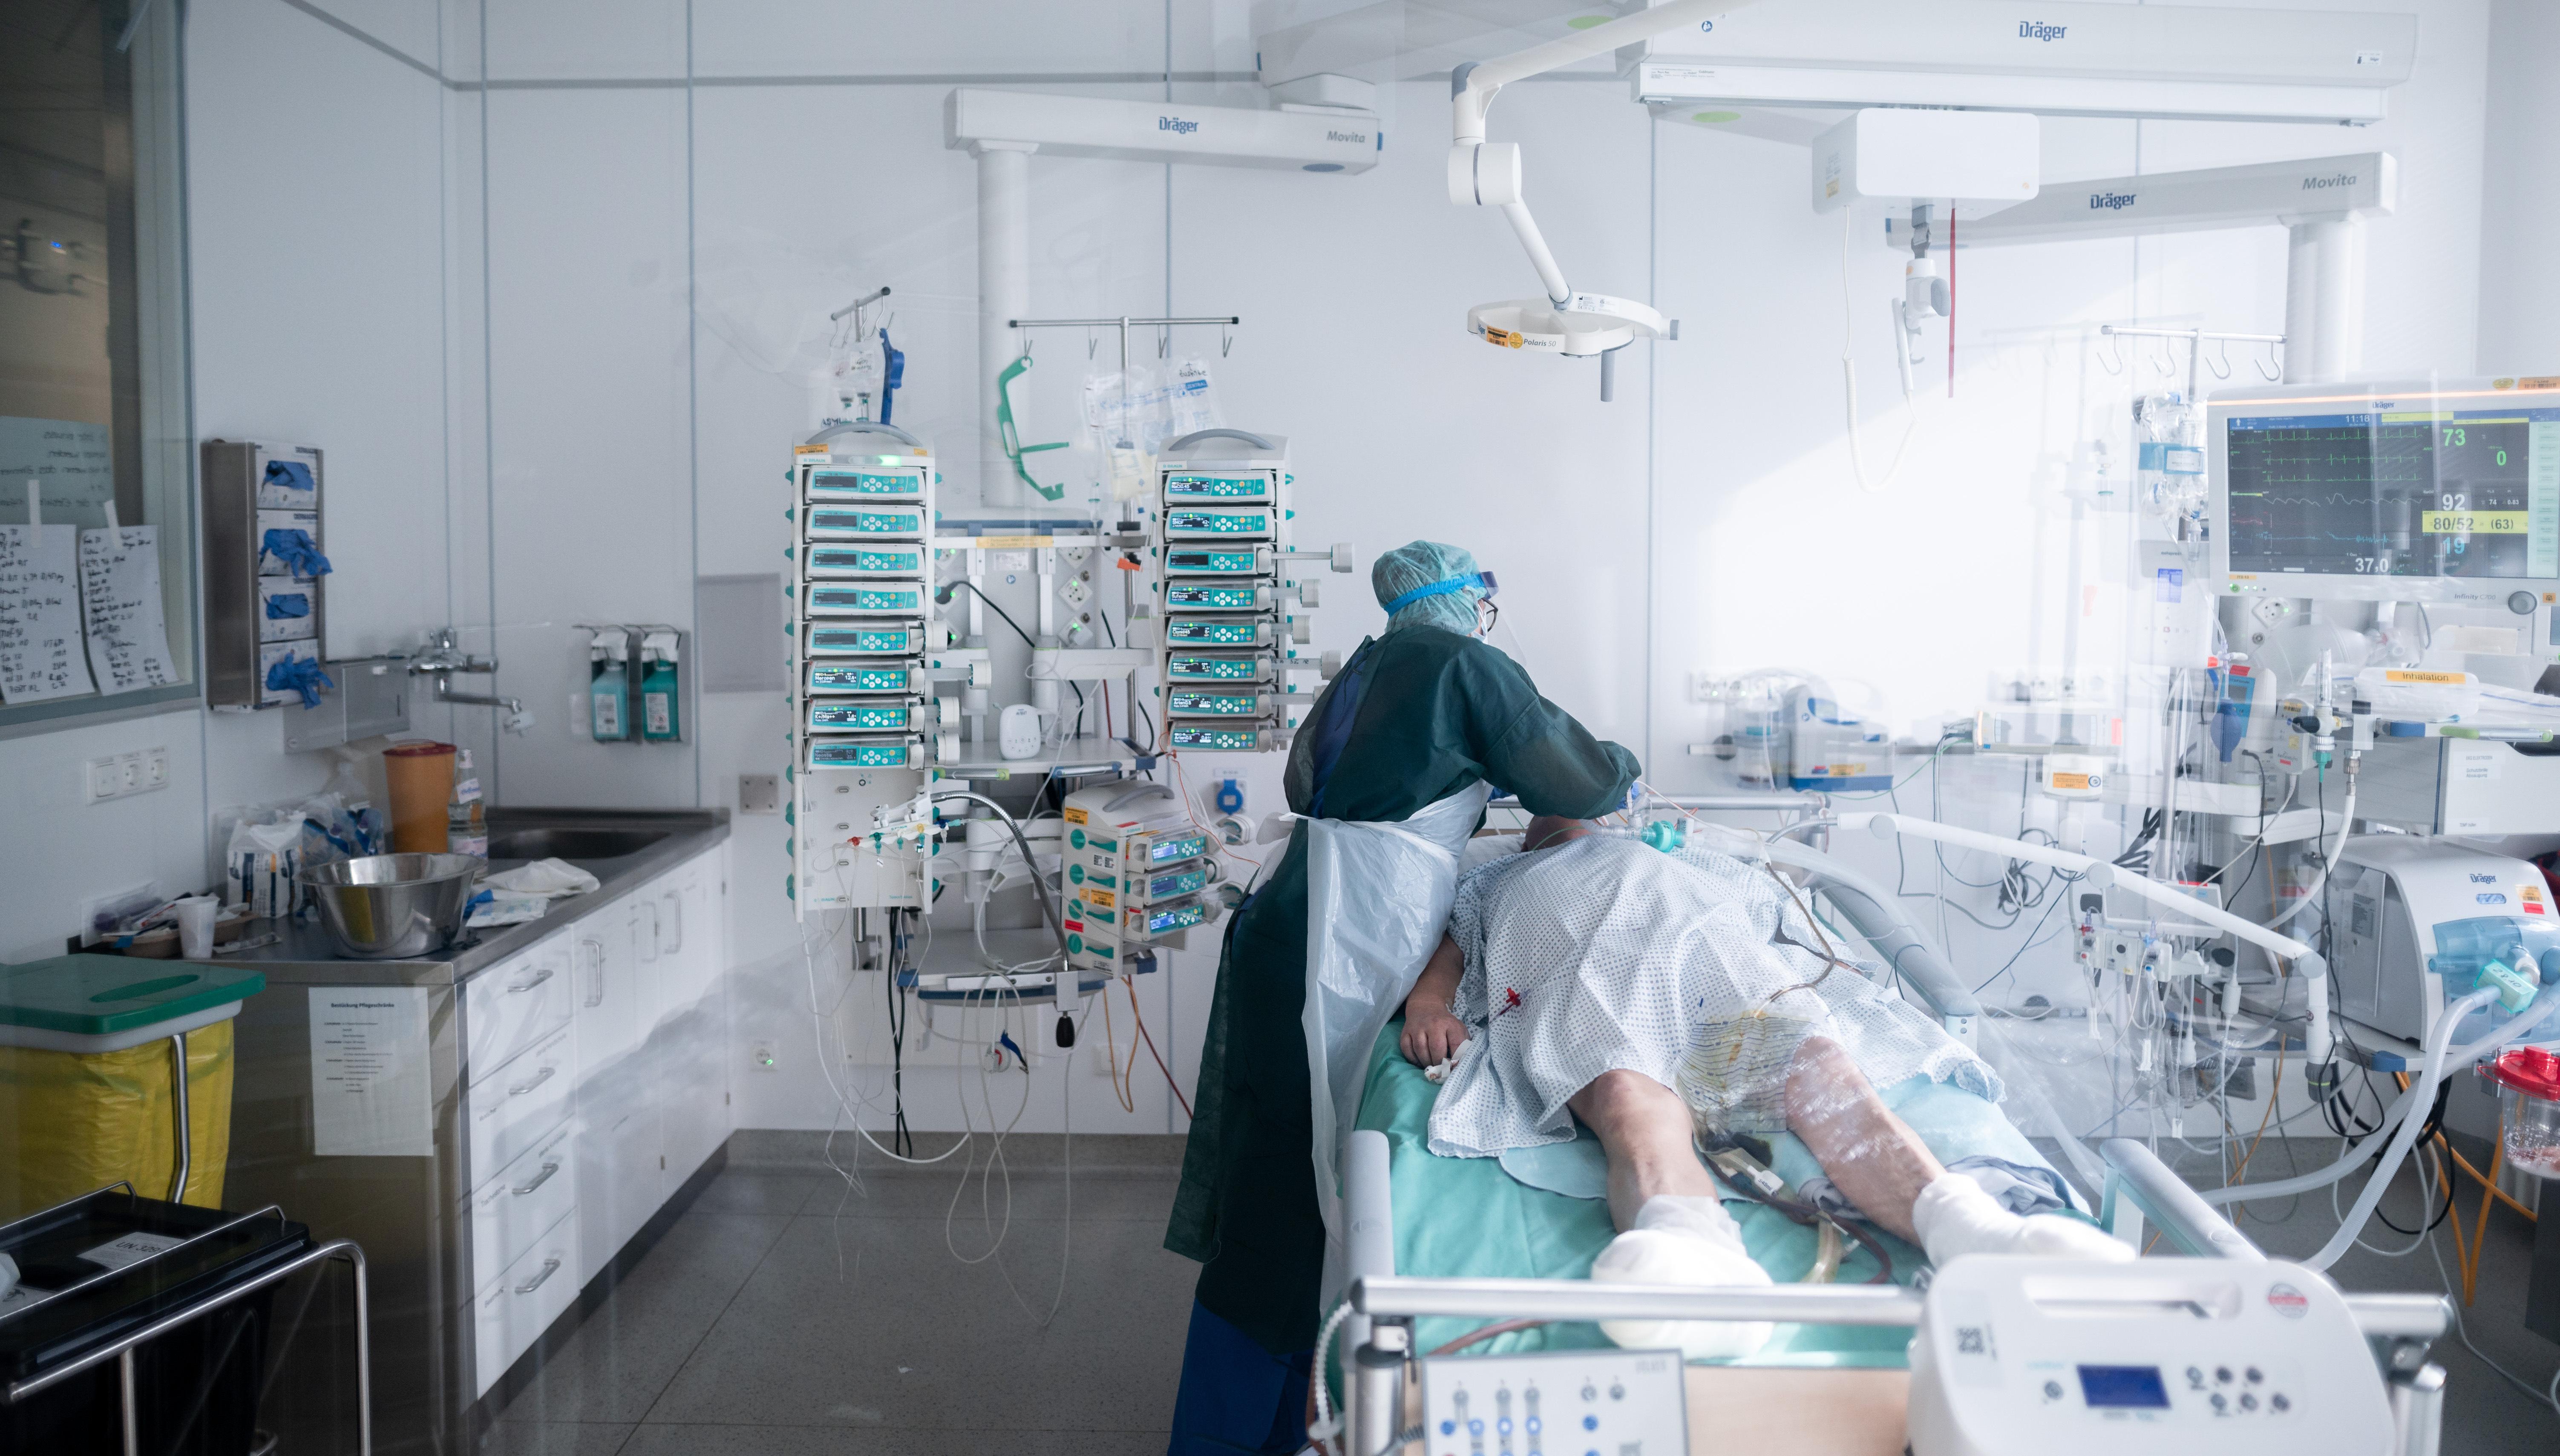 Levélben szólította fel a kórházakat Müller Cecília, hogy mindenképp engedjék be a Covid-osztályokon haldoklók hozzátartozóit